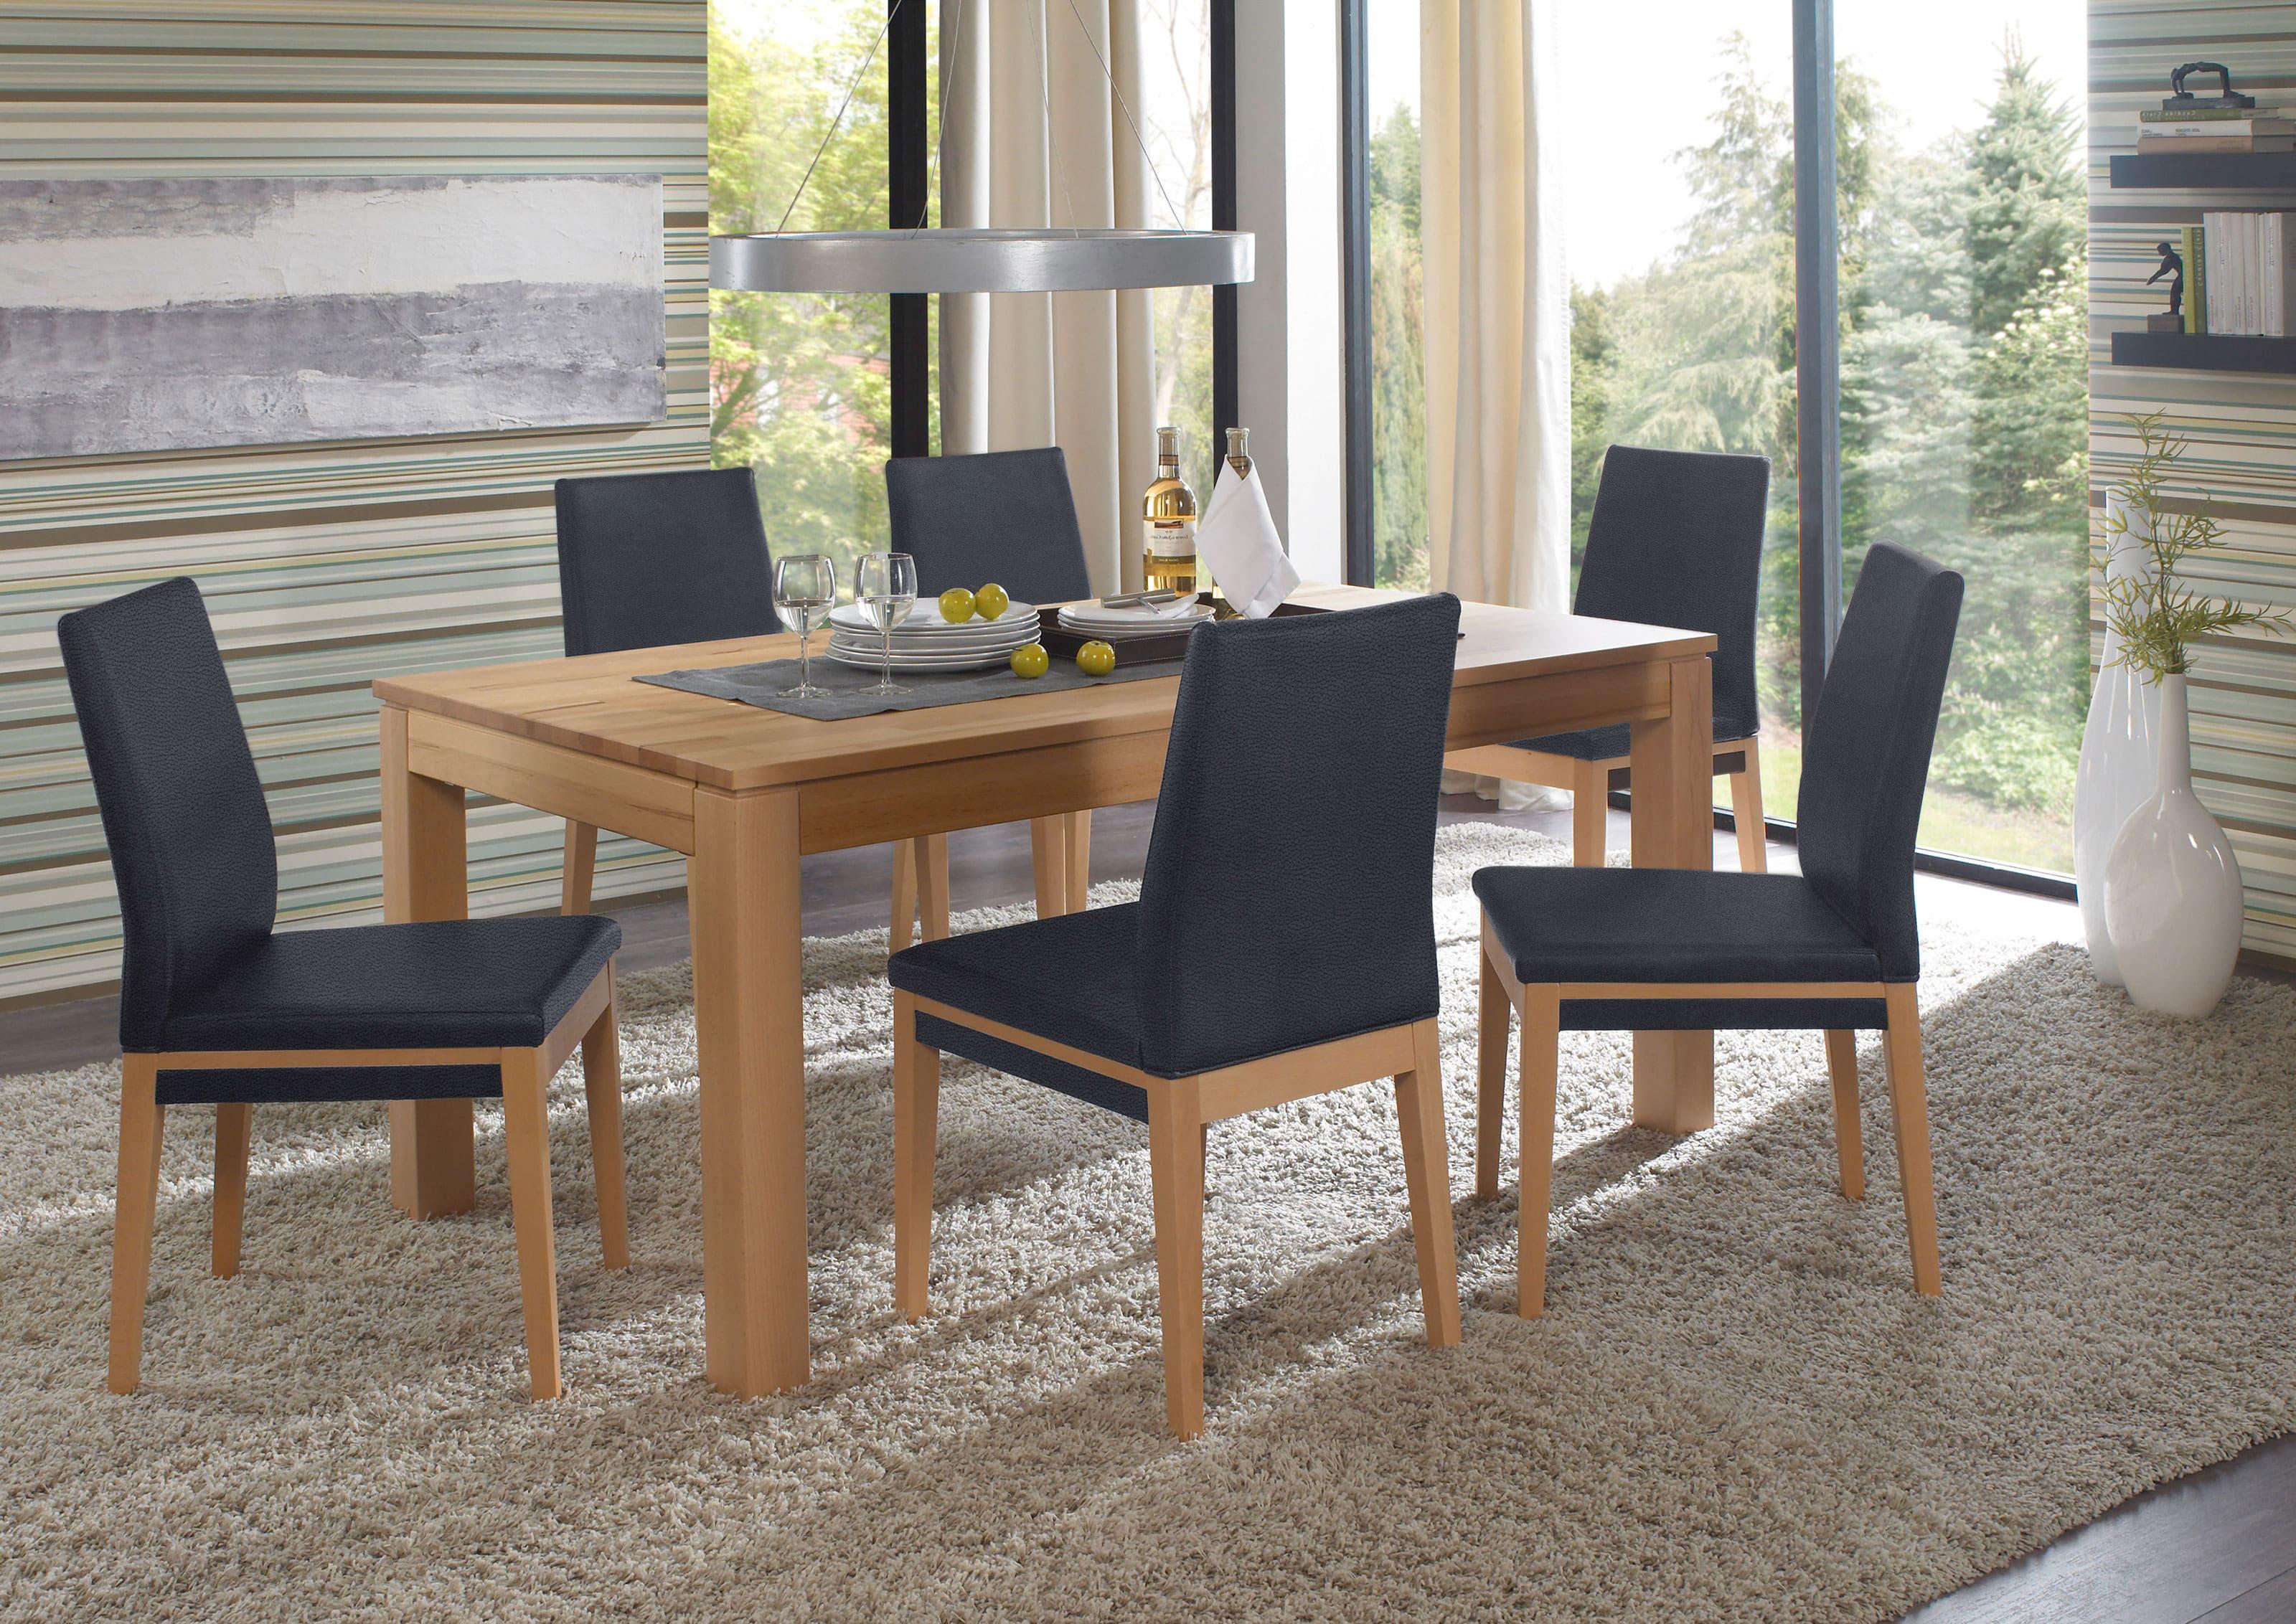 Standard Furniture Polsterstühle Santos mit Tisch Toby